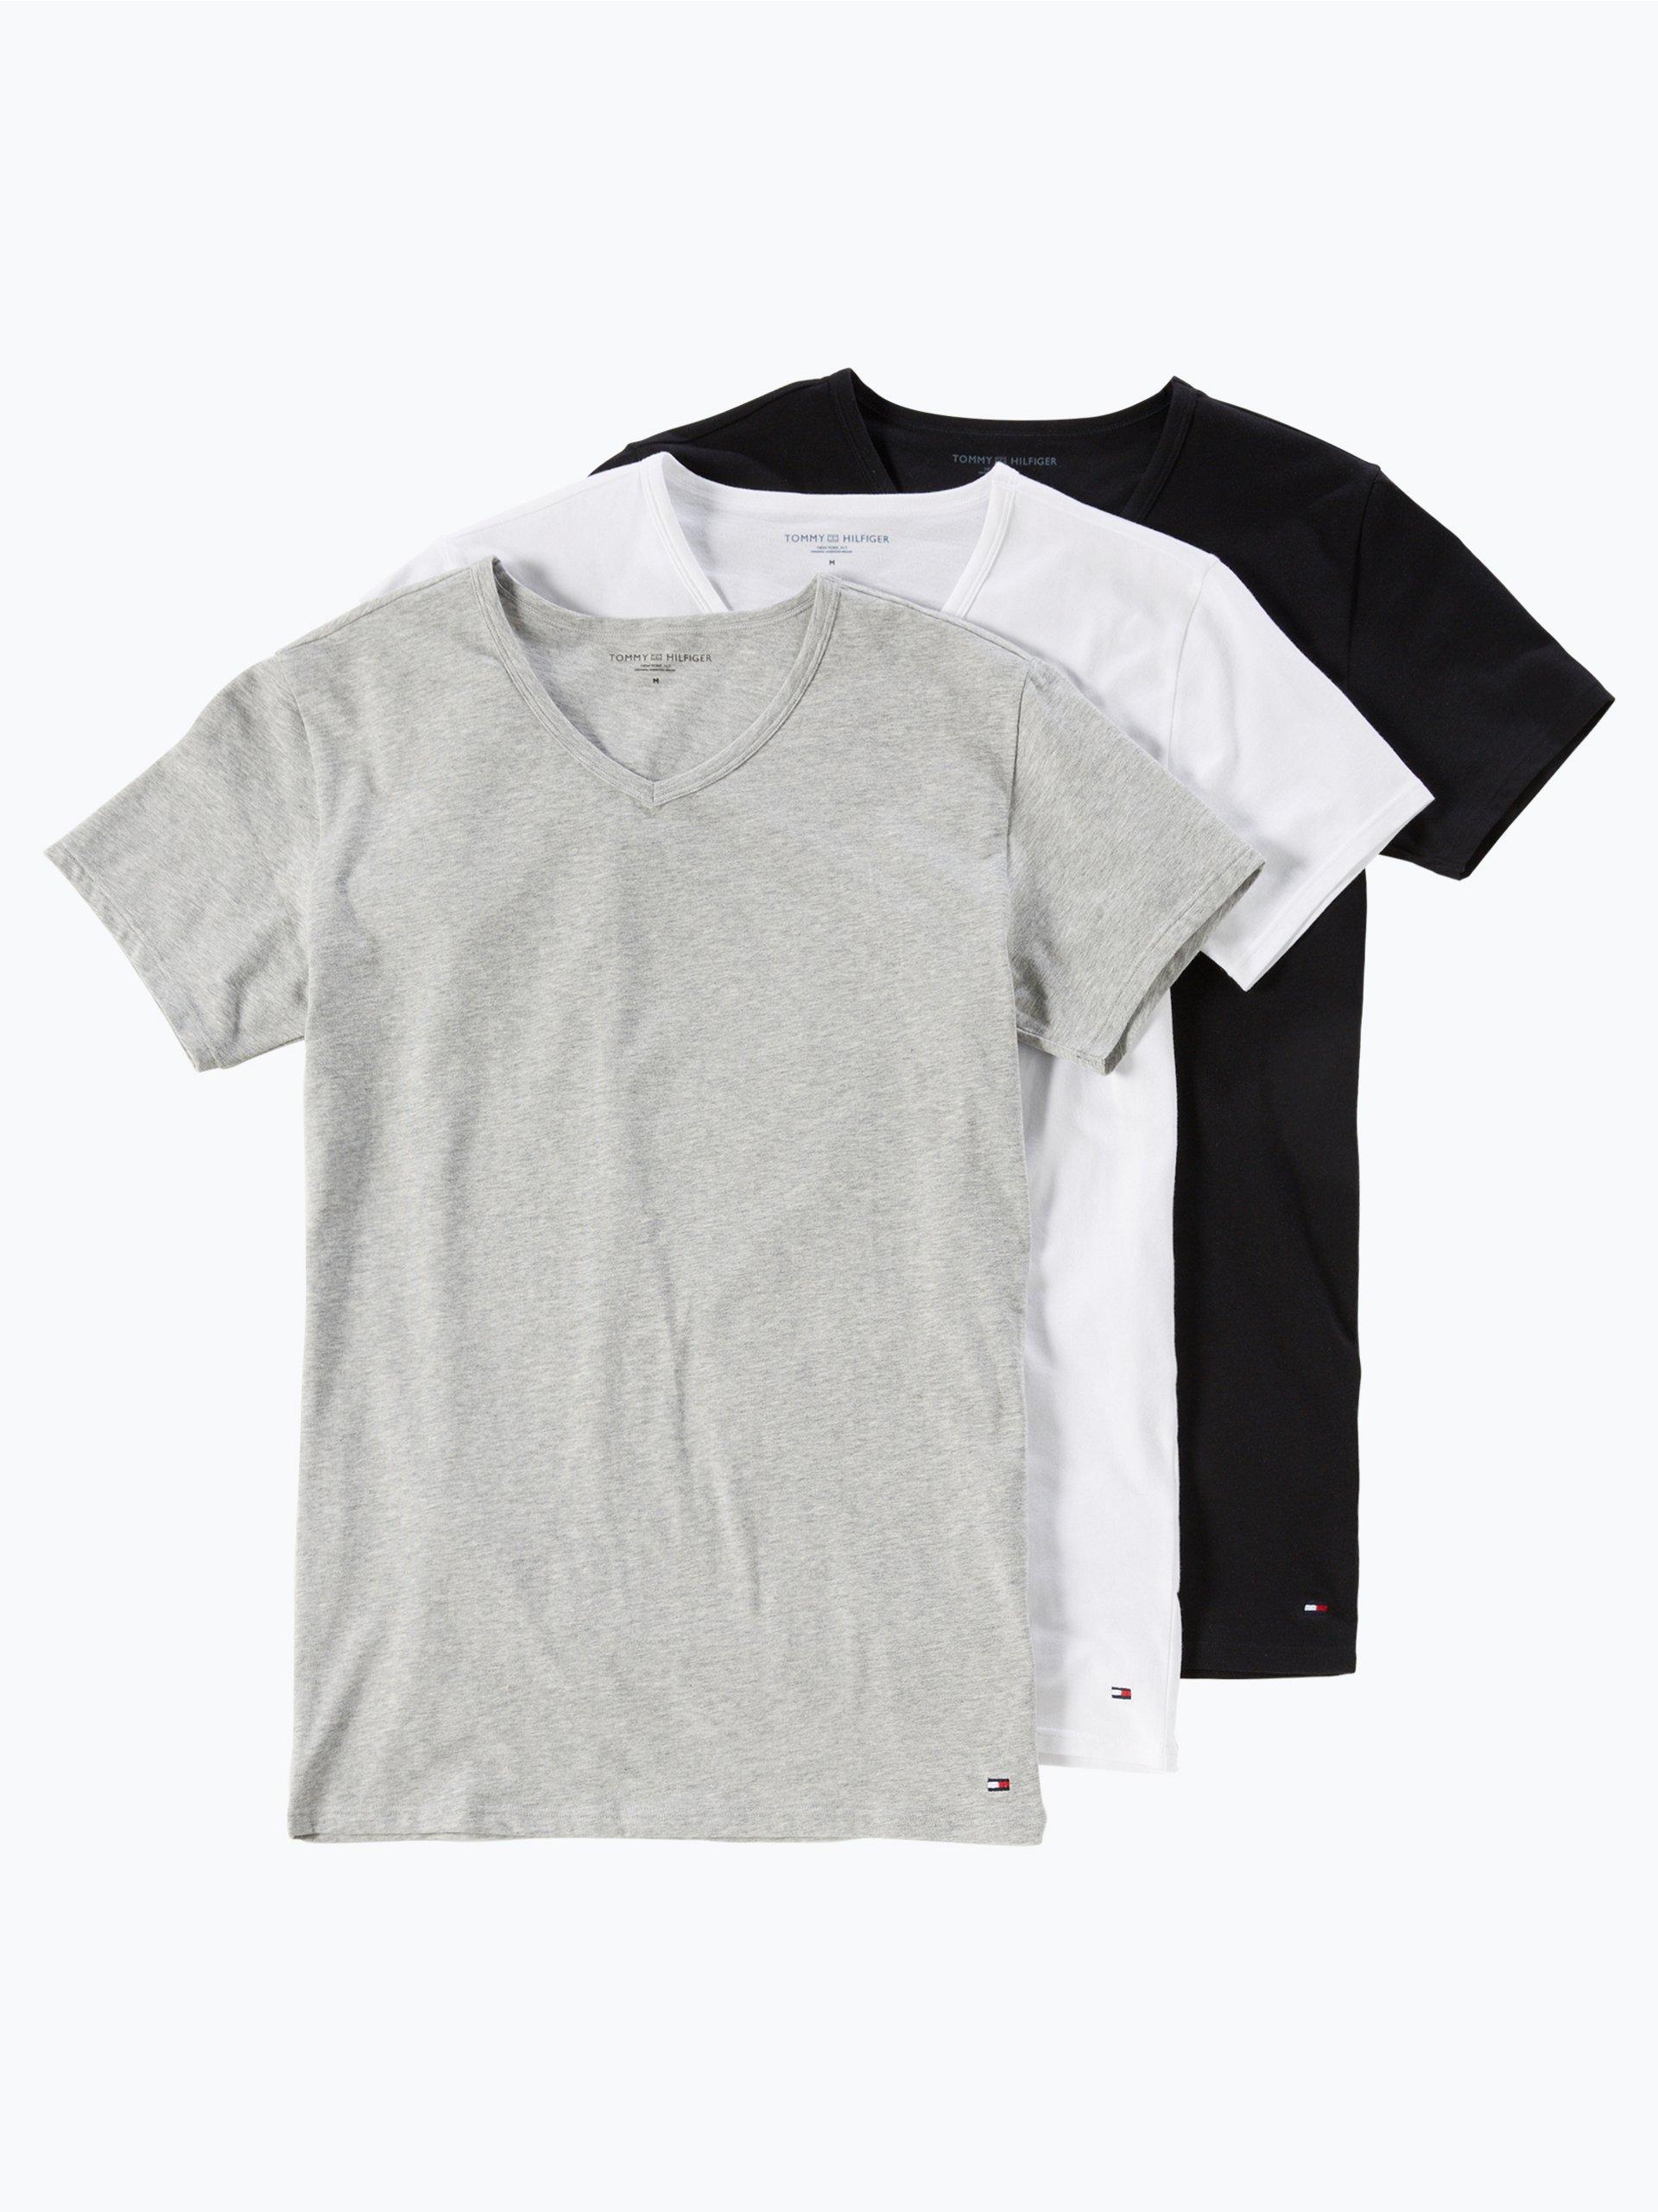 tommy hilfiger herren t shirt im 3er pack mehrfarbig uni online kaufen vangraaf com. Black Bedroom Furniture Sets. Home Design Ideas